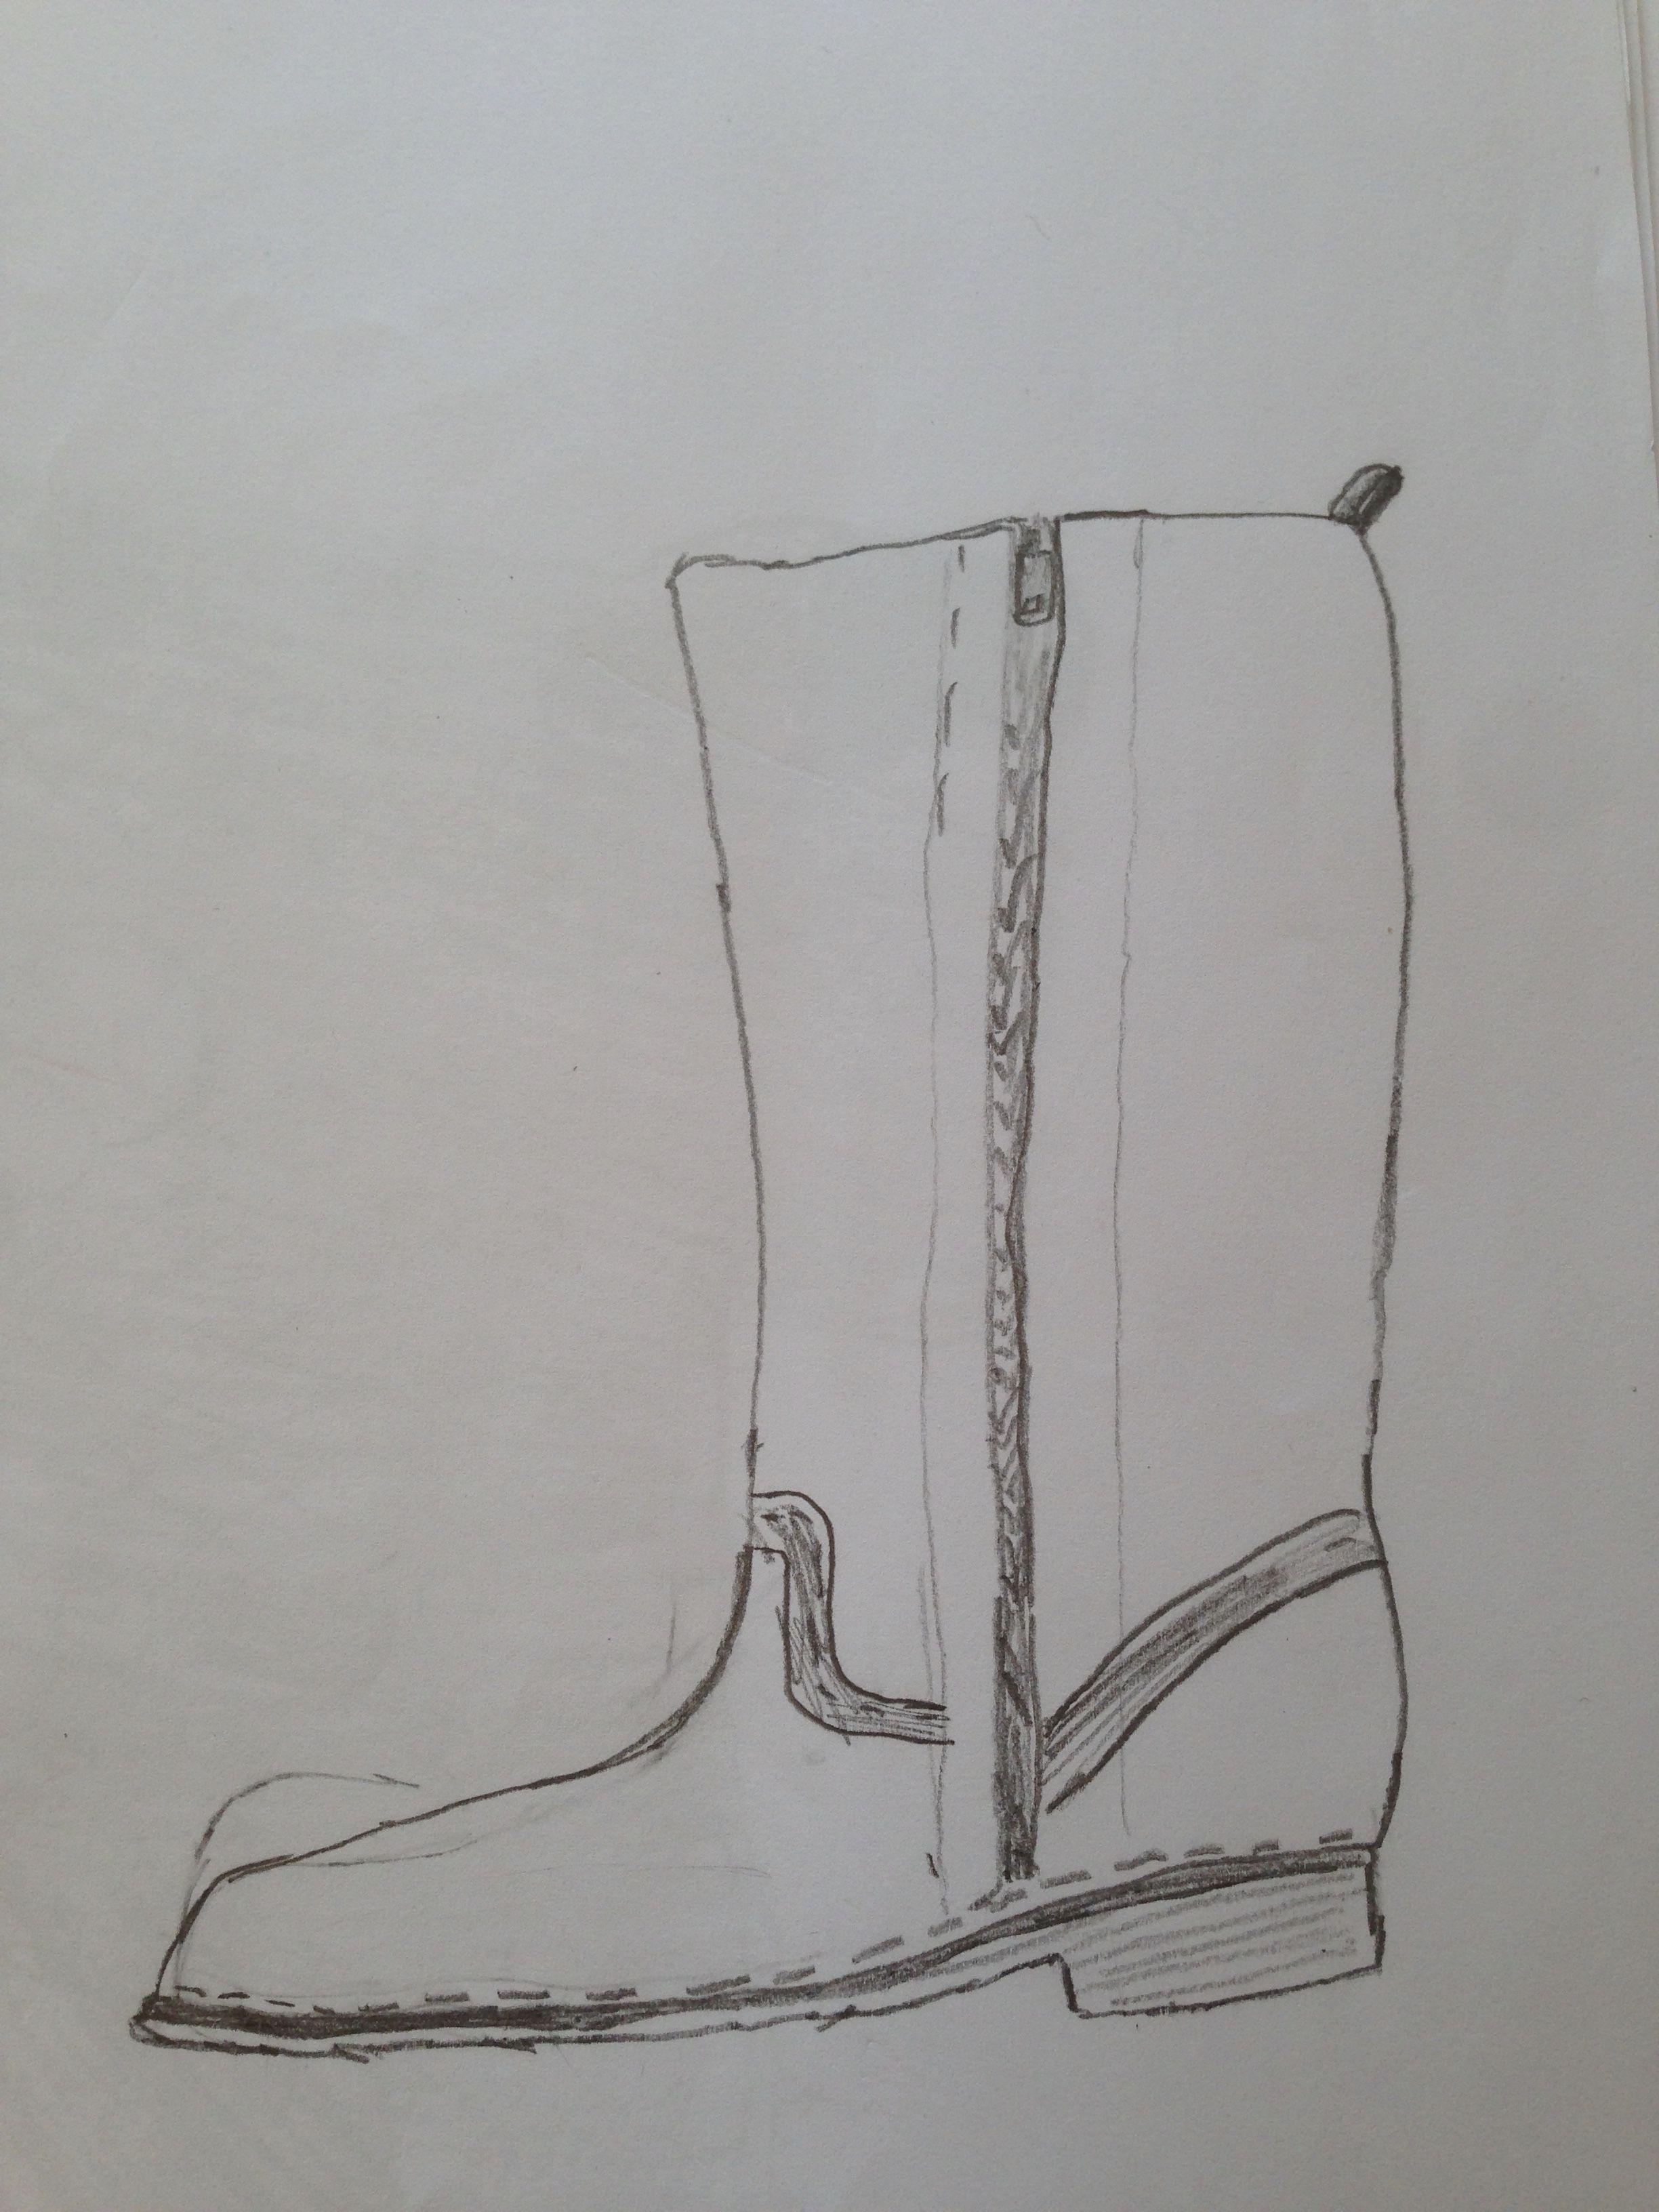 Groep 4 en 5 natekenen schoen met grijs potlood, daarna